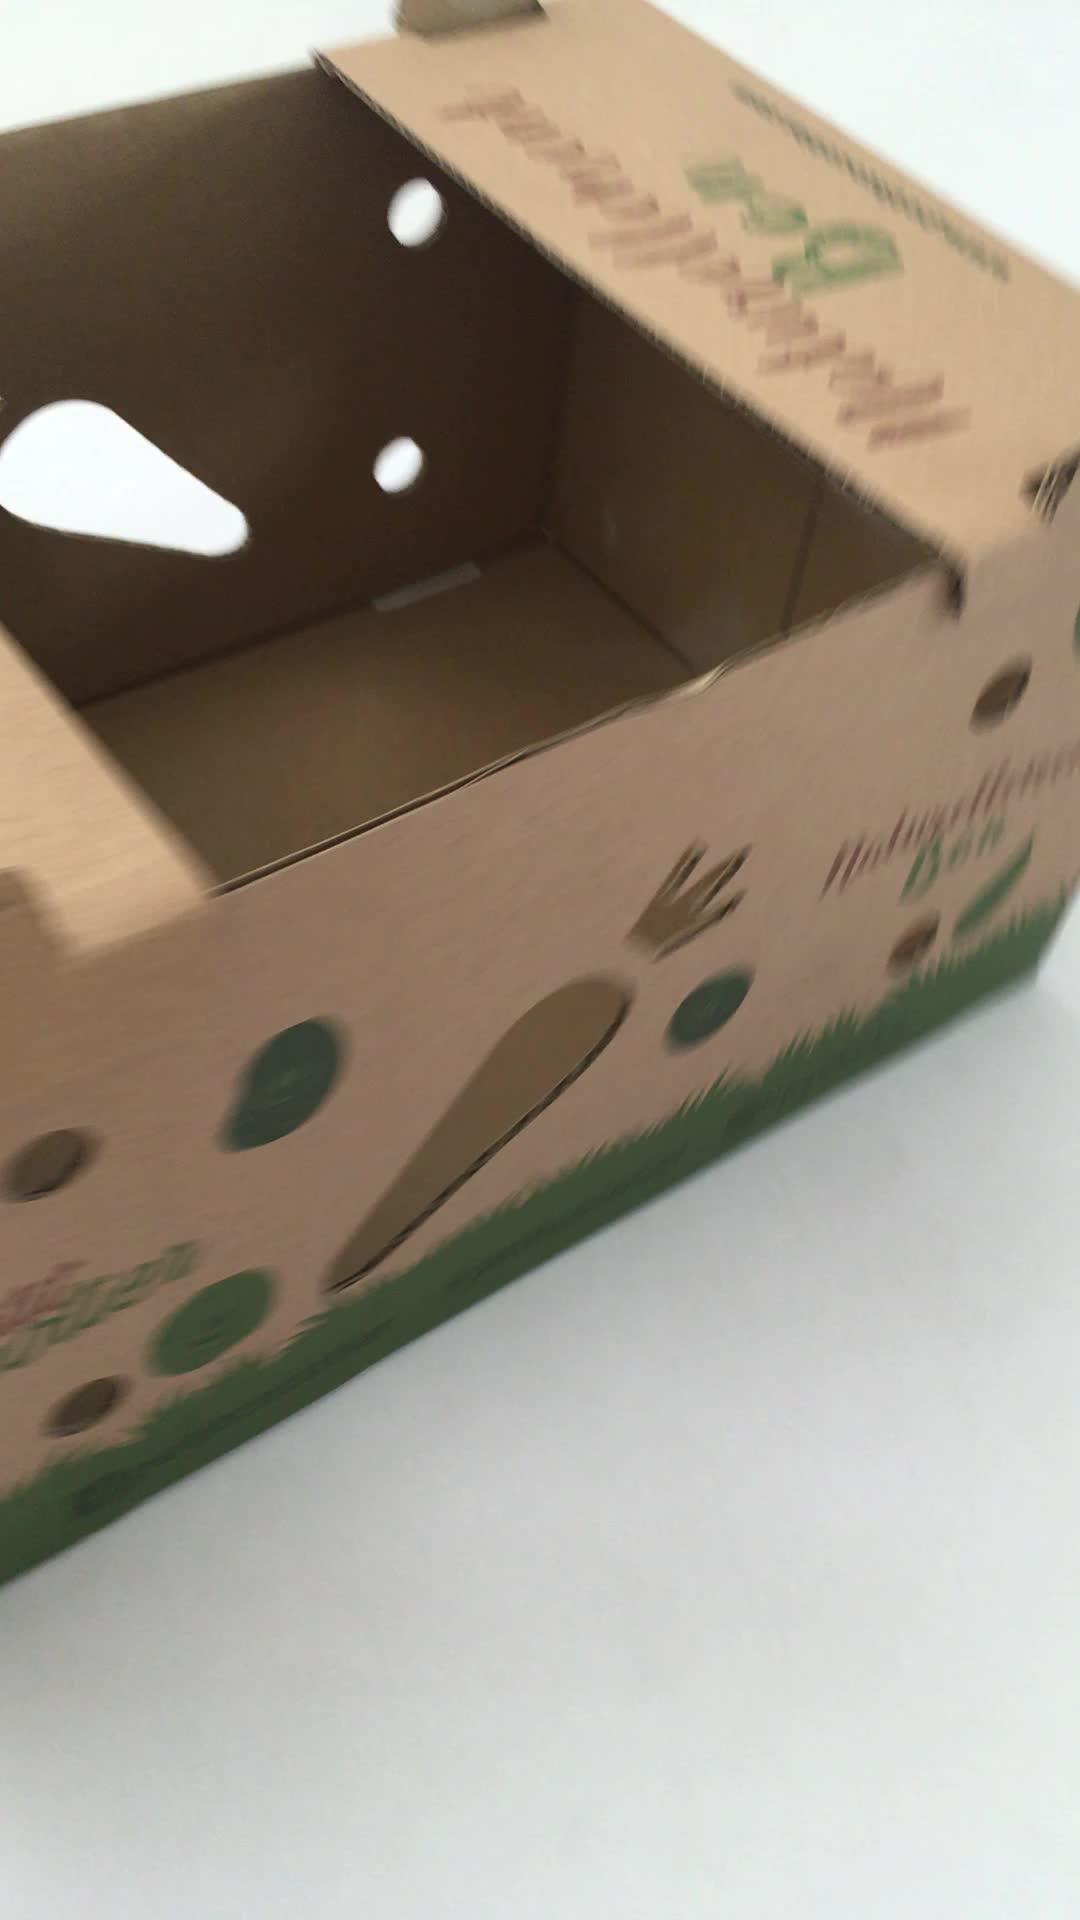 Sert Oluklu Özel Baskı Kalıp Kesim Taze Sebze Mango Muz Meyve Ambalaj Karton nakliye kutusu